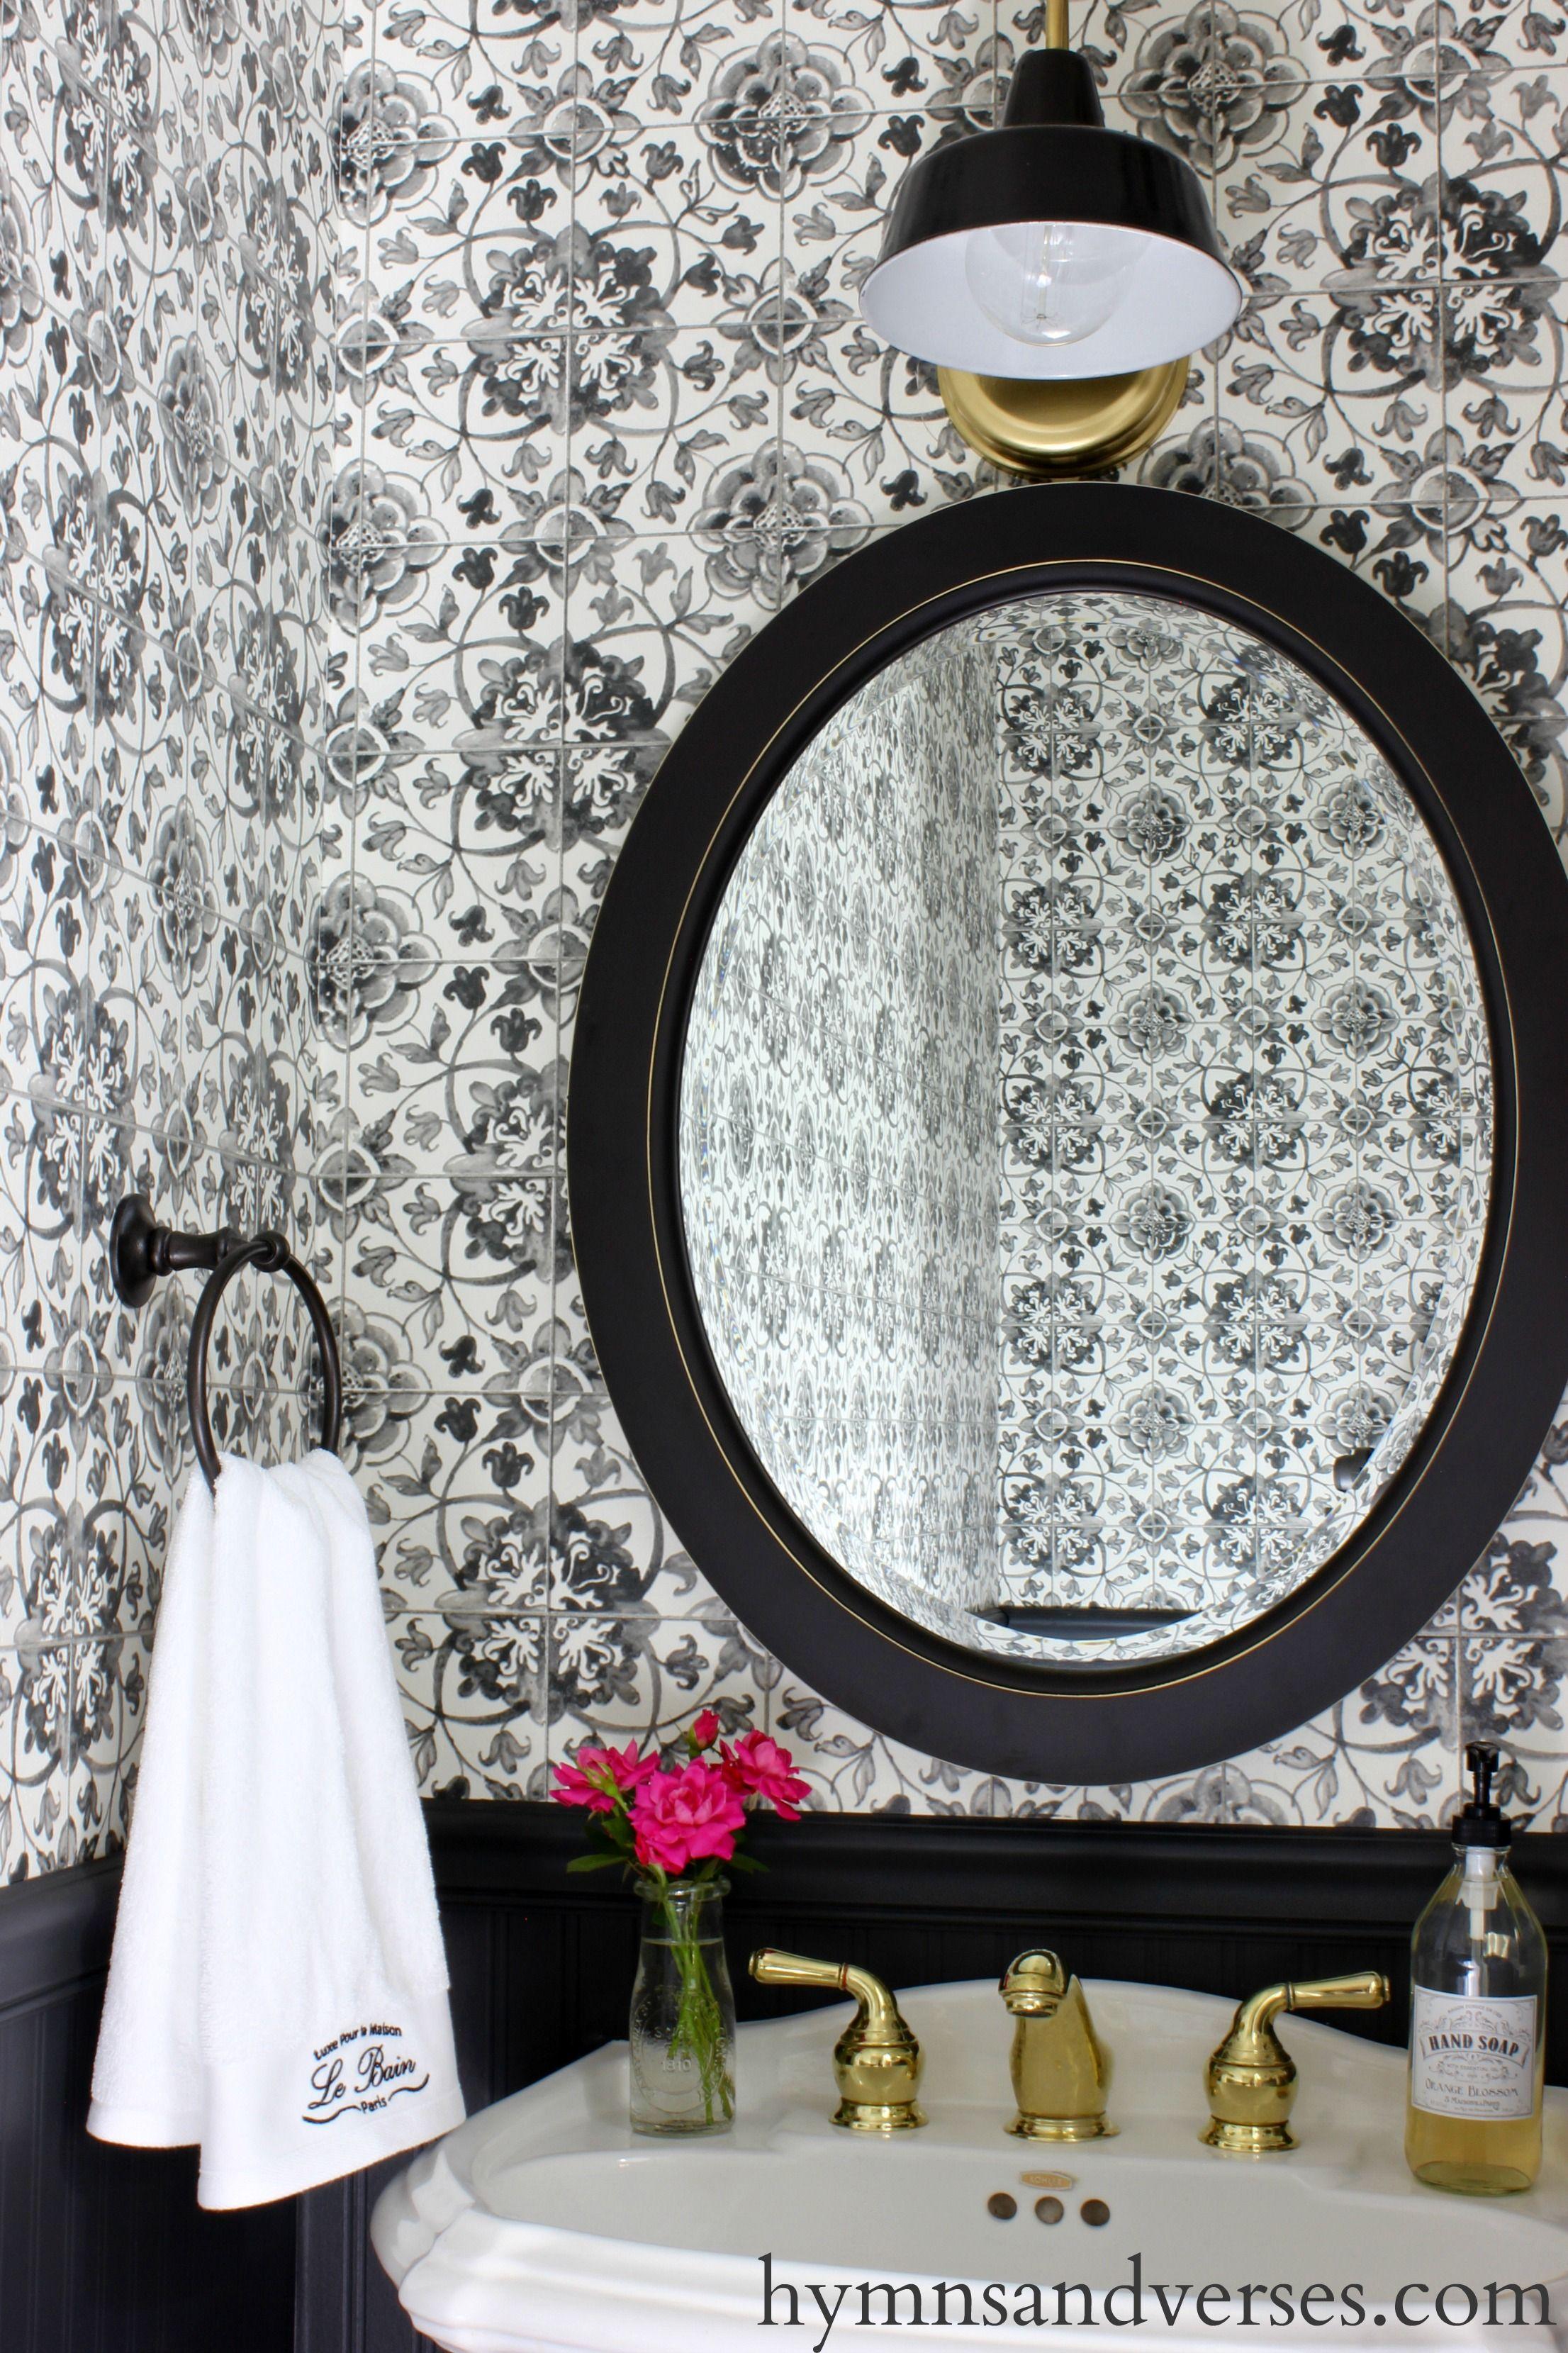 Black And White Tile Wallpaper Powder Room Black And White Wallpaper Powder Room Wallpaper Tile Wallpaper